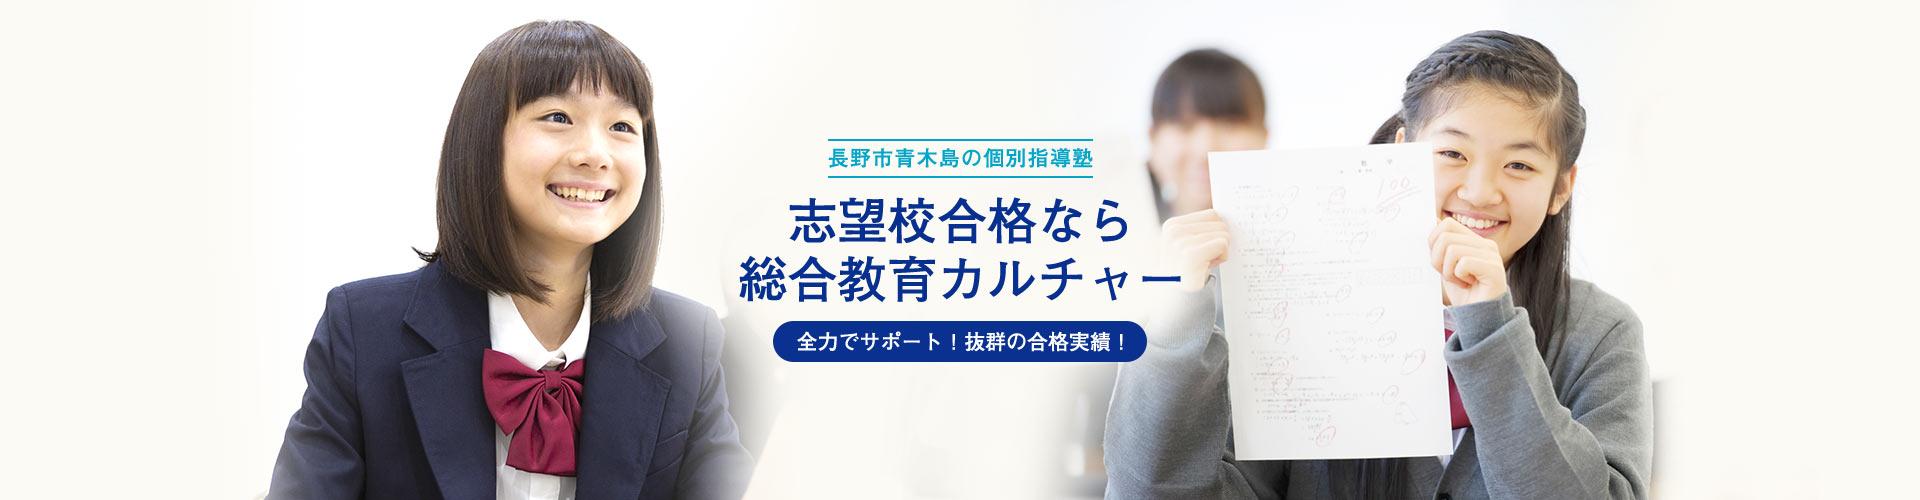 長野市青木島の個別指導塾 志望校合格なら総合教育カルチャー 全力でサポート!抜群の合格実績!